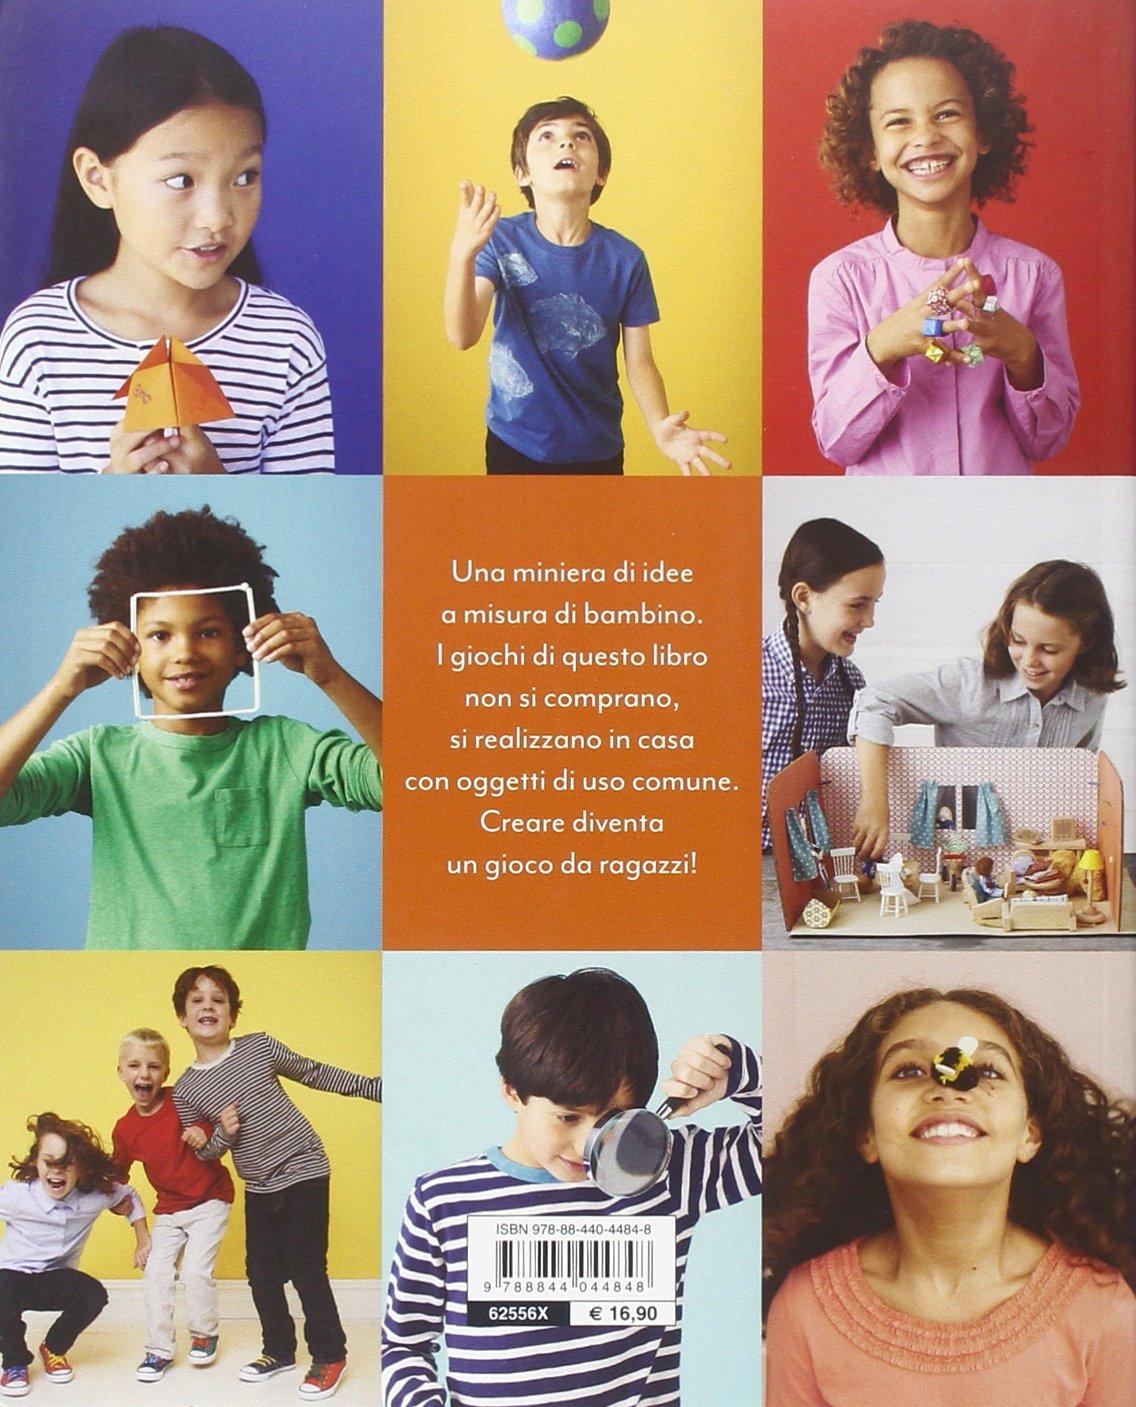 81b3%2BcFaGNL - Art & craft per i tuoi bambini. 175 idee da creare, disegnare e costruire